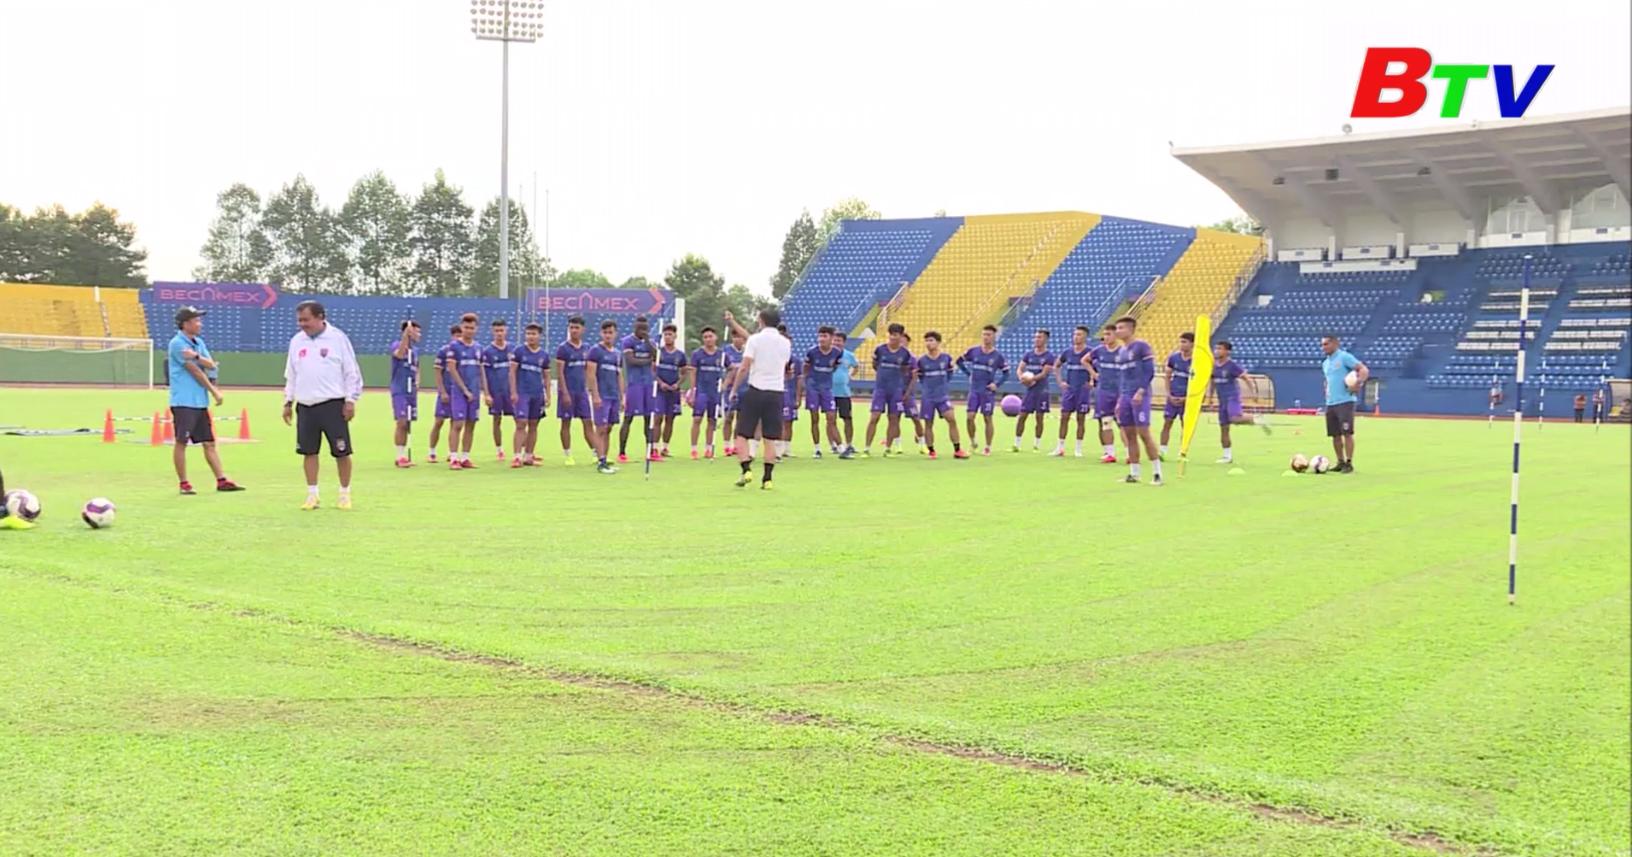 Trước trận mở màn V-League 2021 Becamex Bình Dương - Thanh Hóa